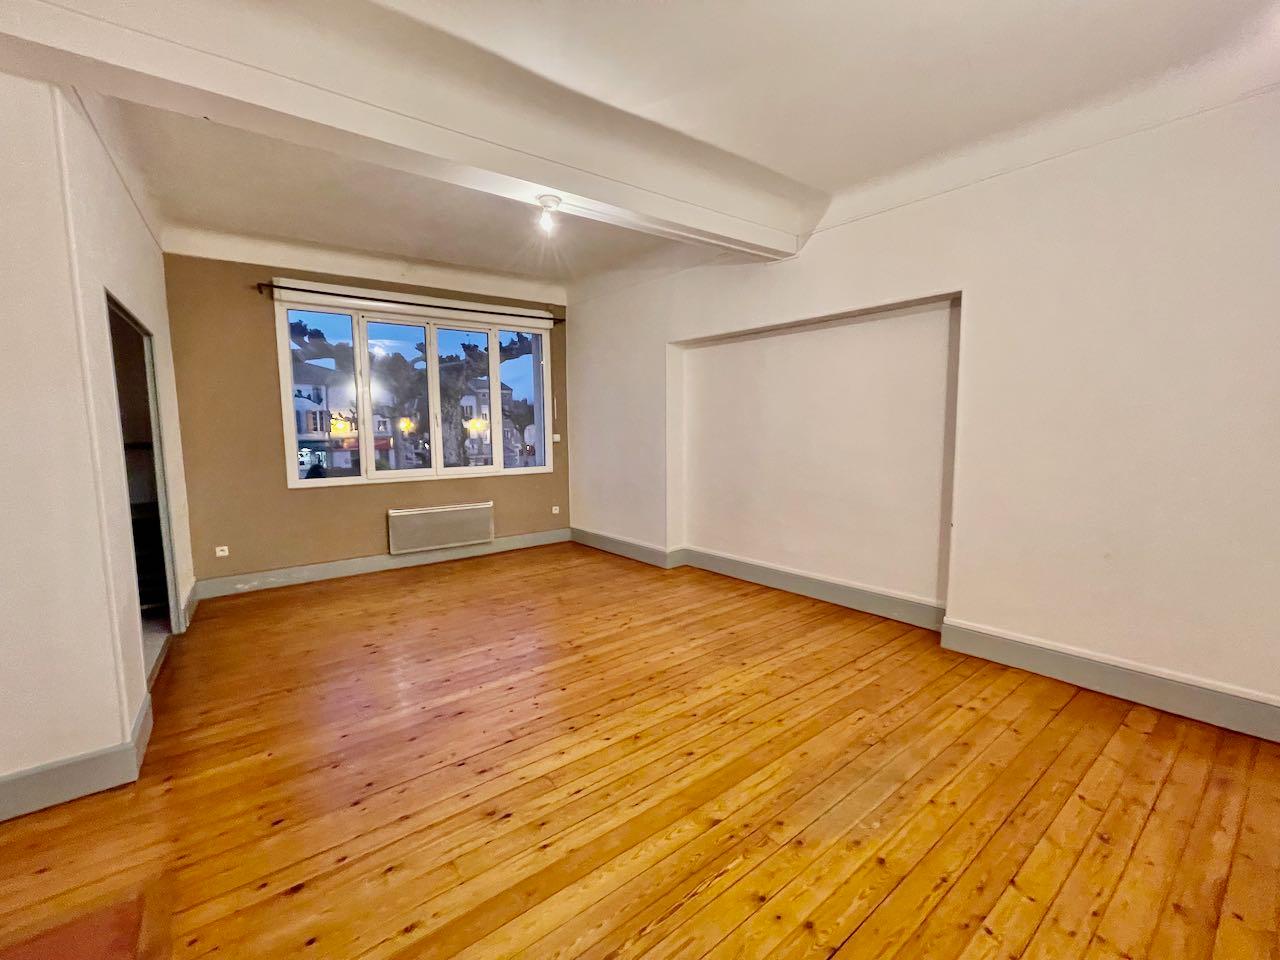 Castelmoron sur Lot, Grand appartement T4 de 103 m2 offrant grande pièce vie coin cuisine, 1 chambre, salle de bains. A l'étage 2 chambres dont une avec accès terrasse couverte. Nombreux rangements.